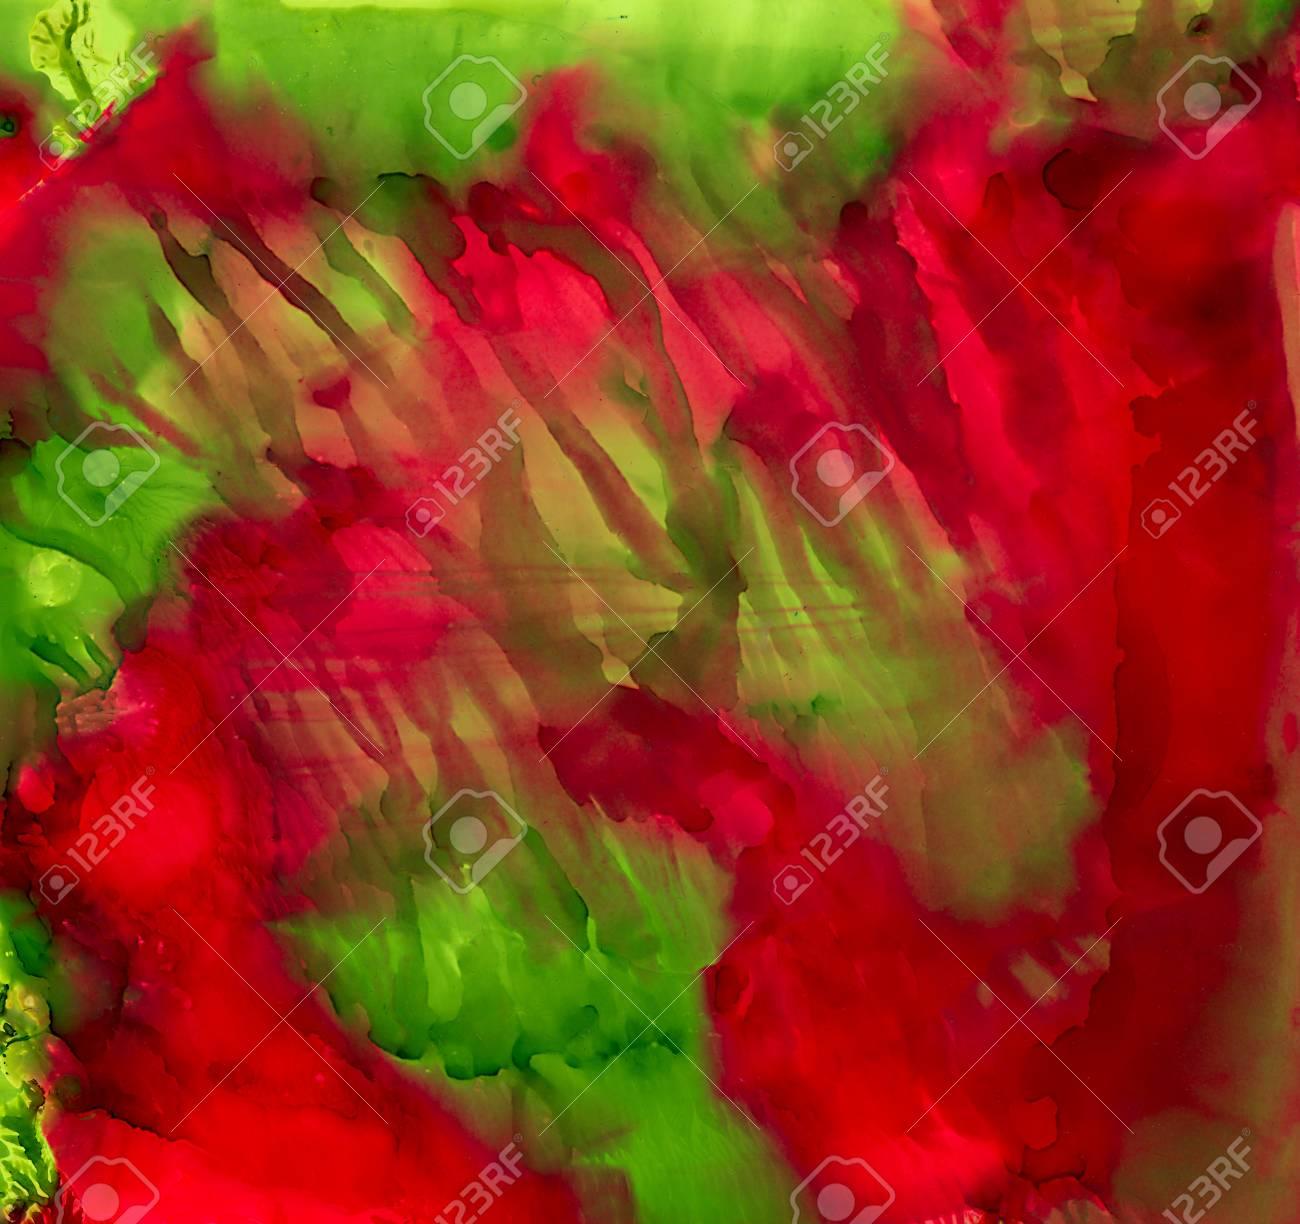 Peinture Abstraite Vert Clair Rouge Tachécolorful Fond Dessinés à